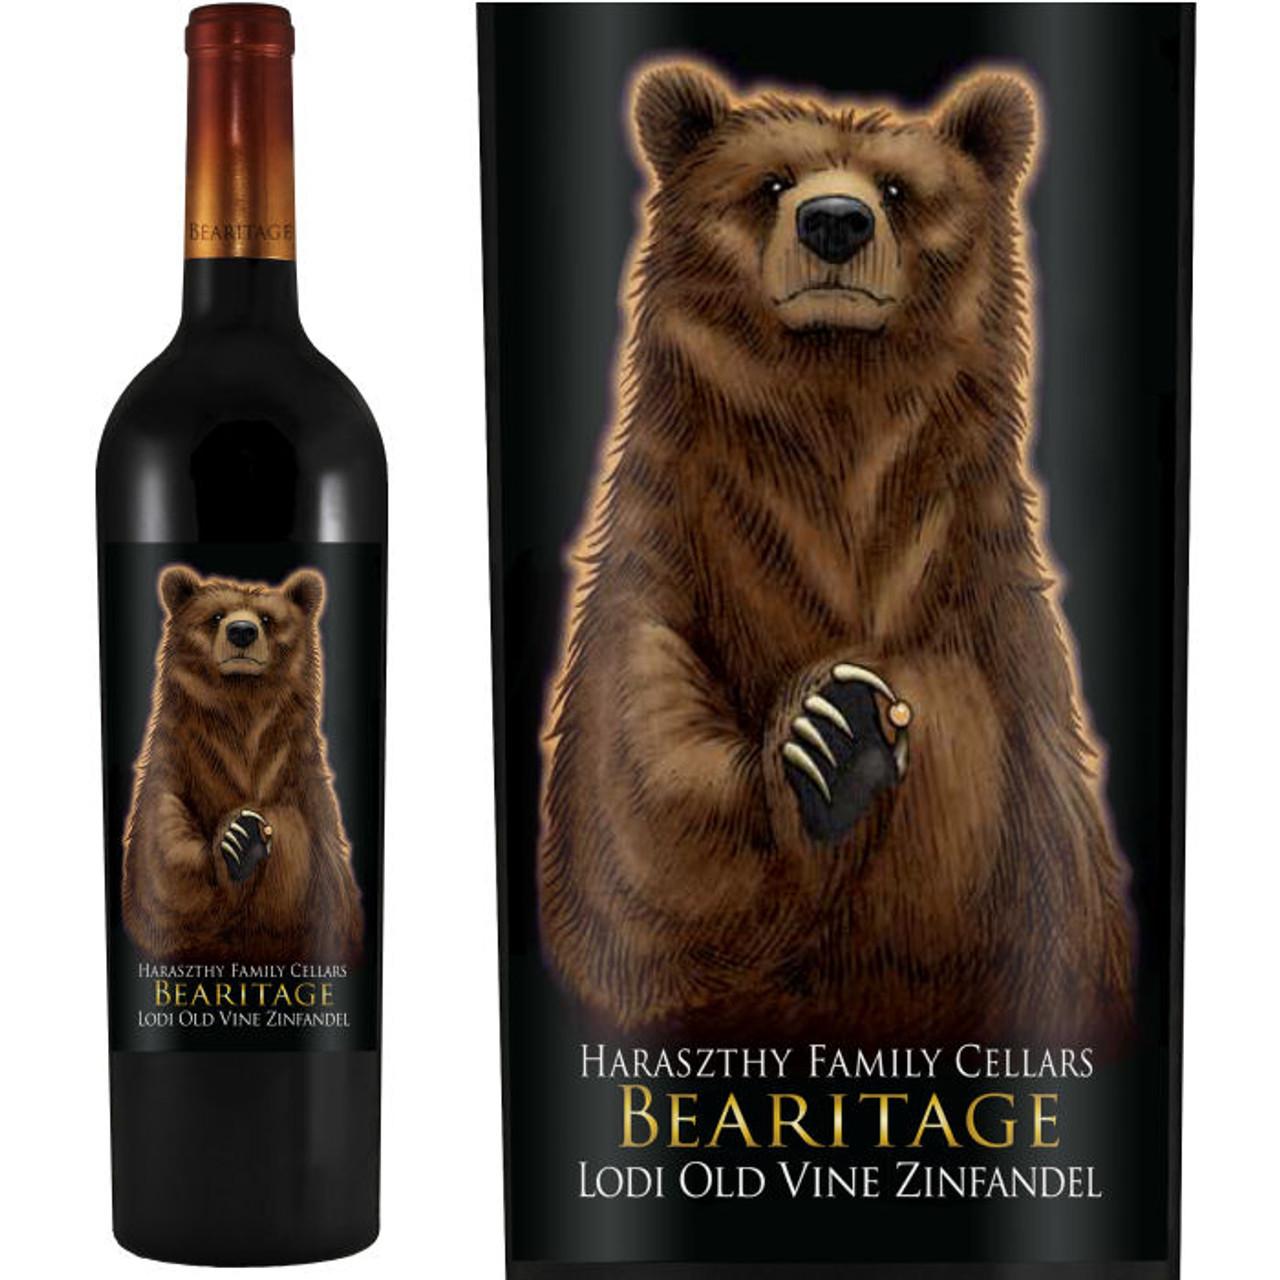 Bearitage by Haraszthy Family Cellars Lodi Old Vine Zinfandel